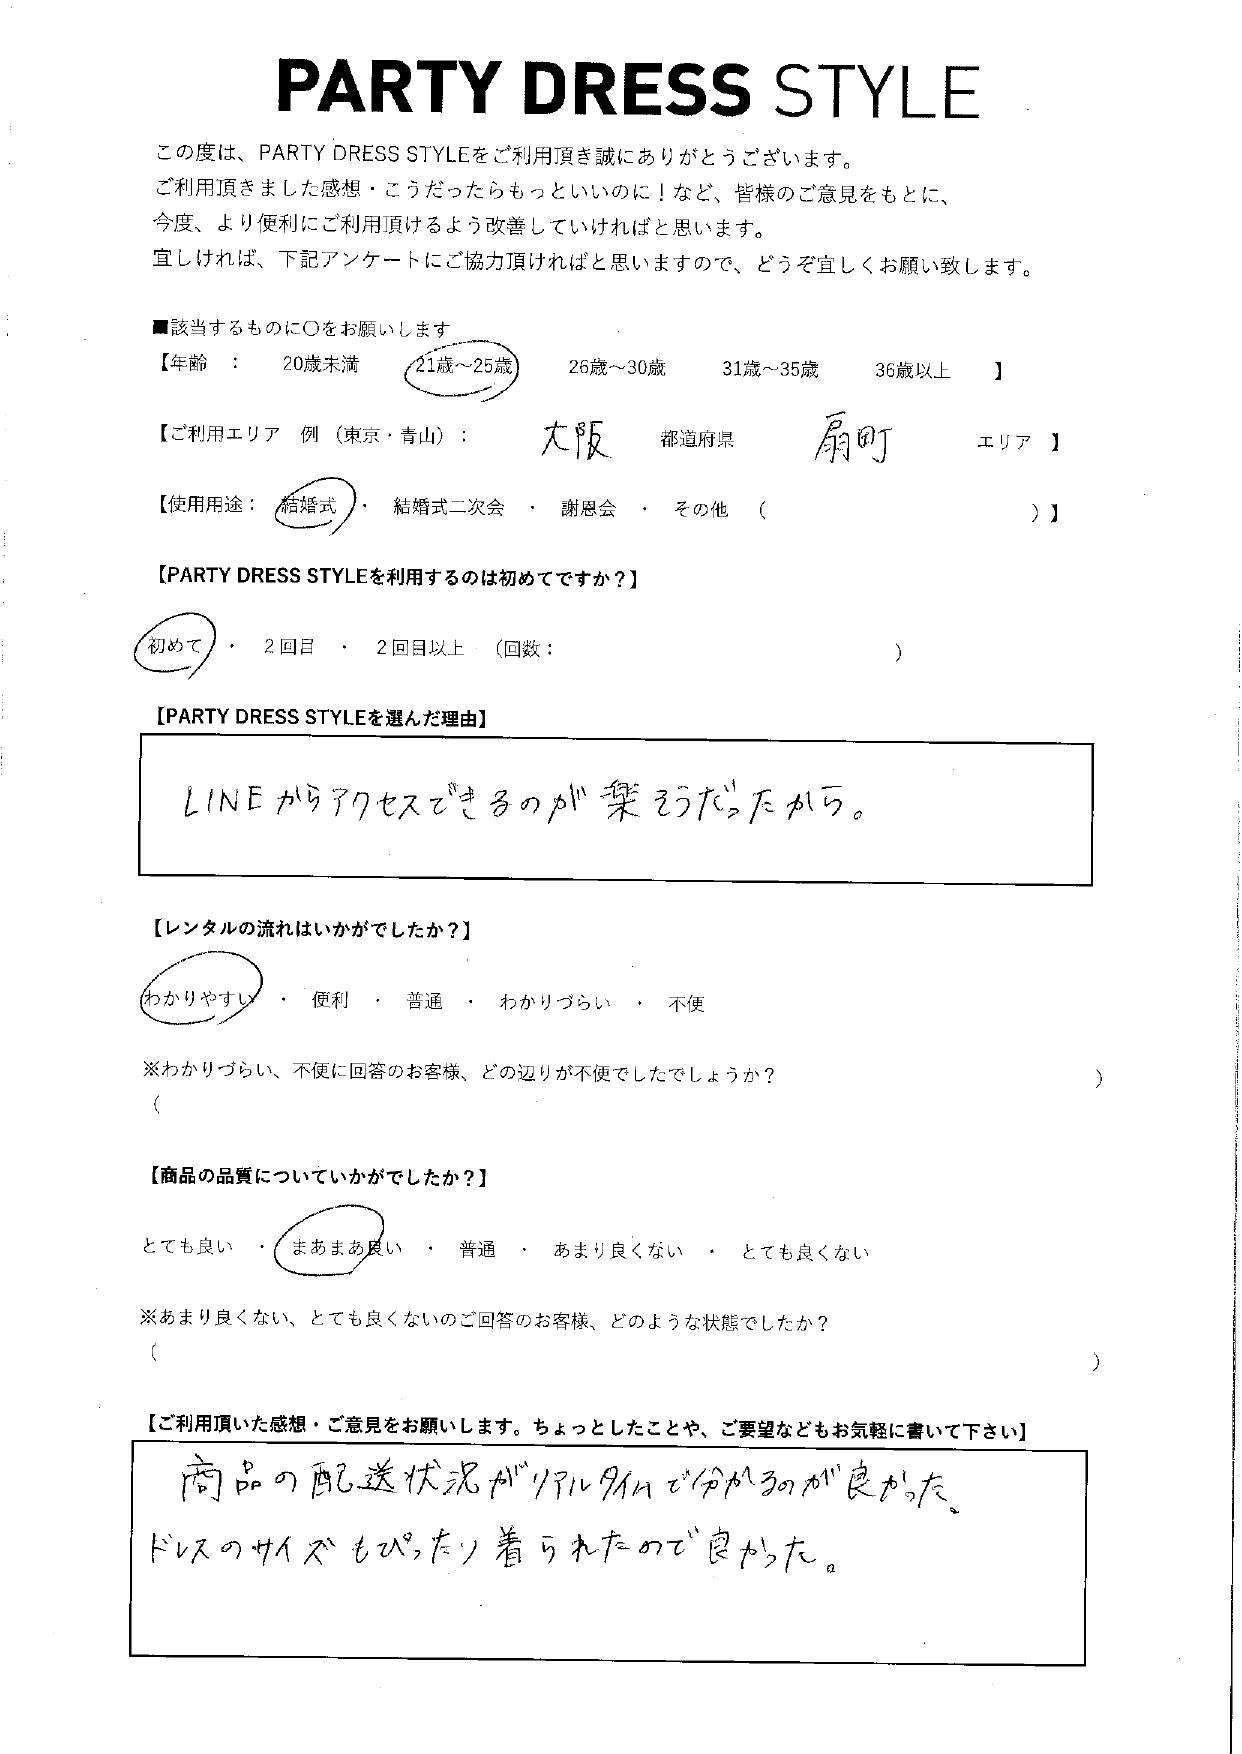 1/16結婚式ご利用 大阪・扇町エリア